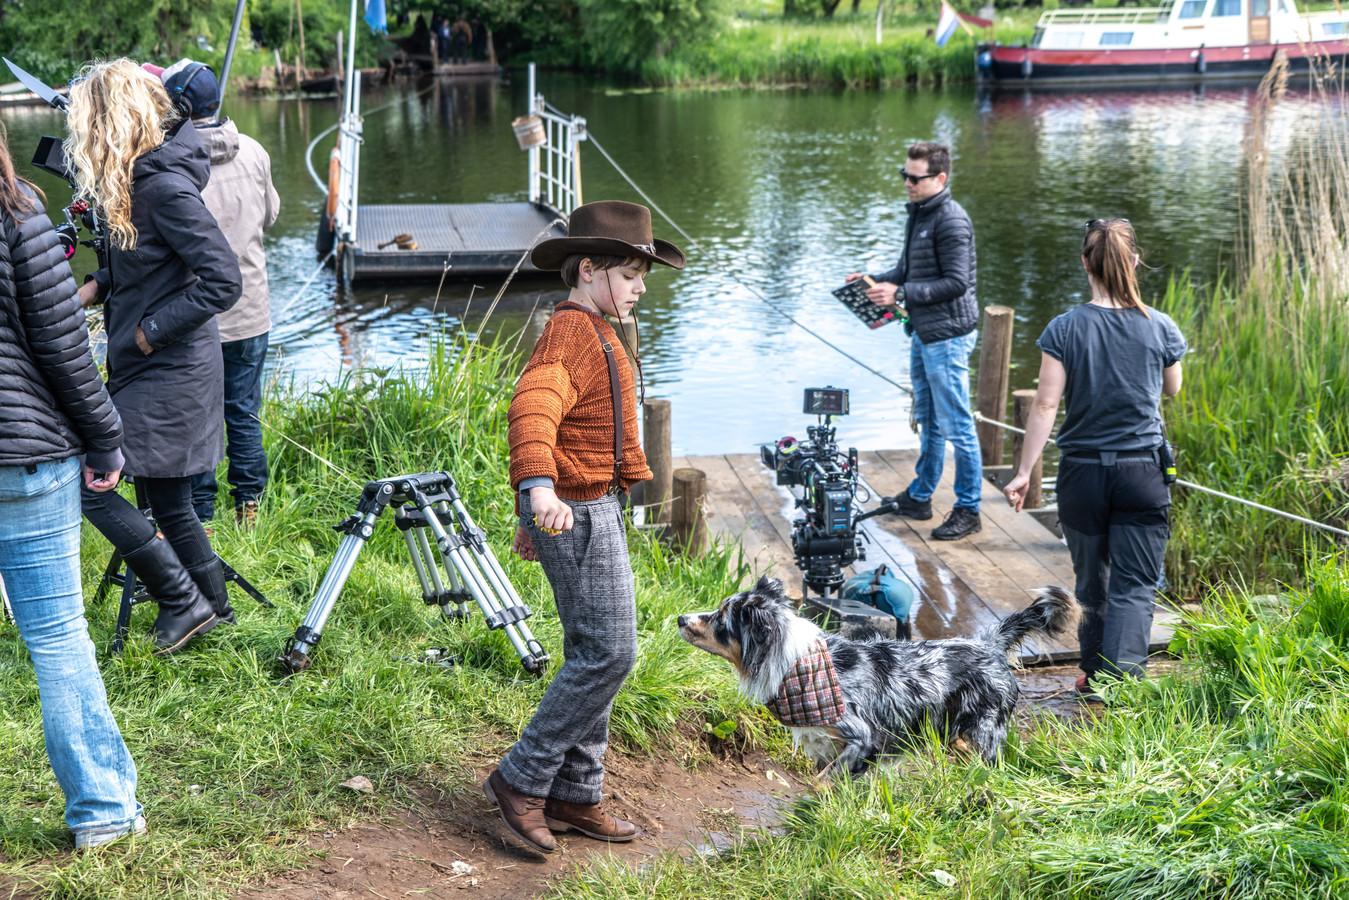 Bij het Haersterveer tussen Zwolle en Hasselt zijn dinsdag de hele dag scènes opgenomen voor de film Kruimeltje 2, die begin volgend jaar in première gaat.